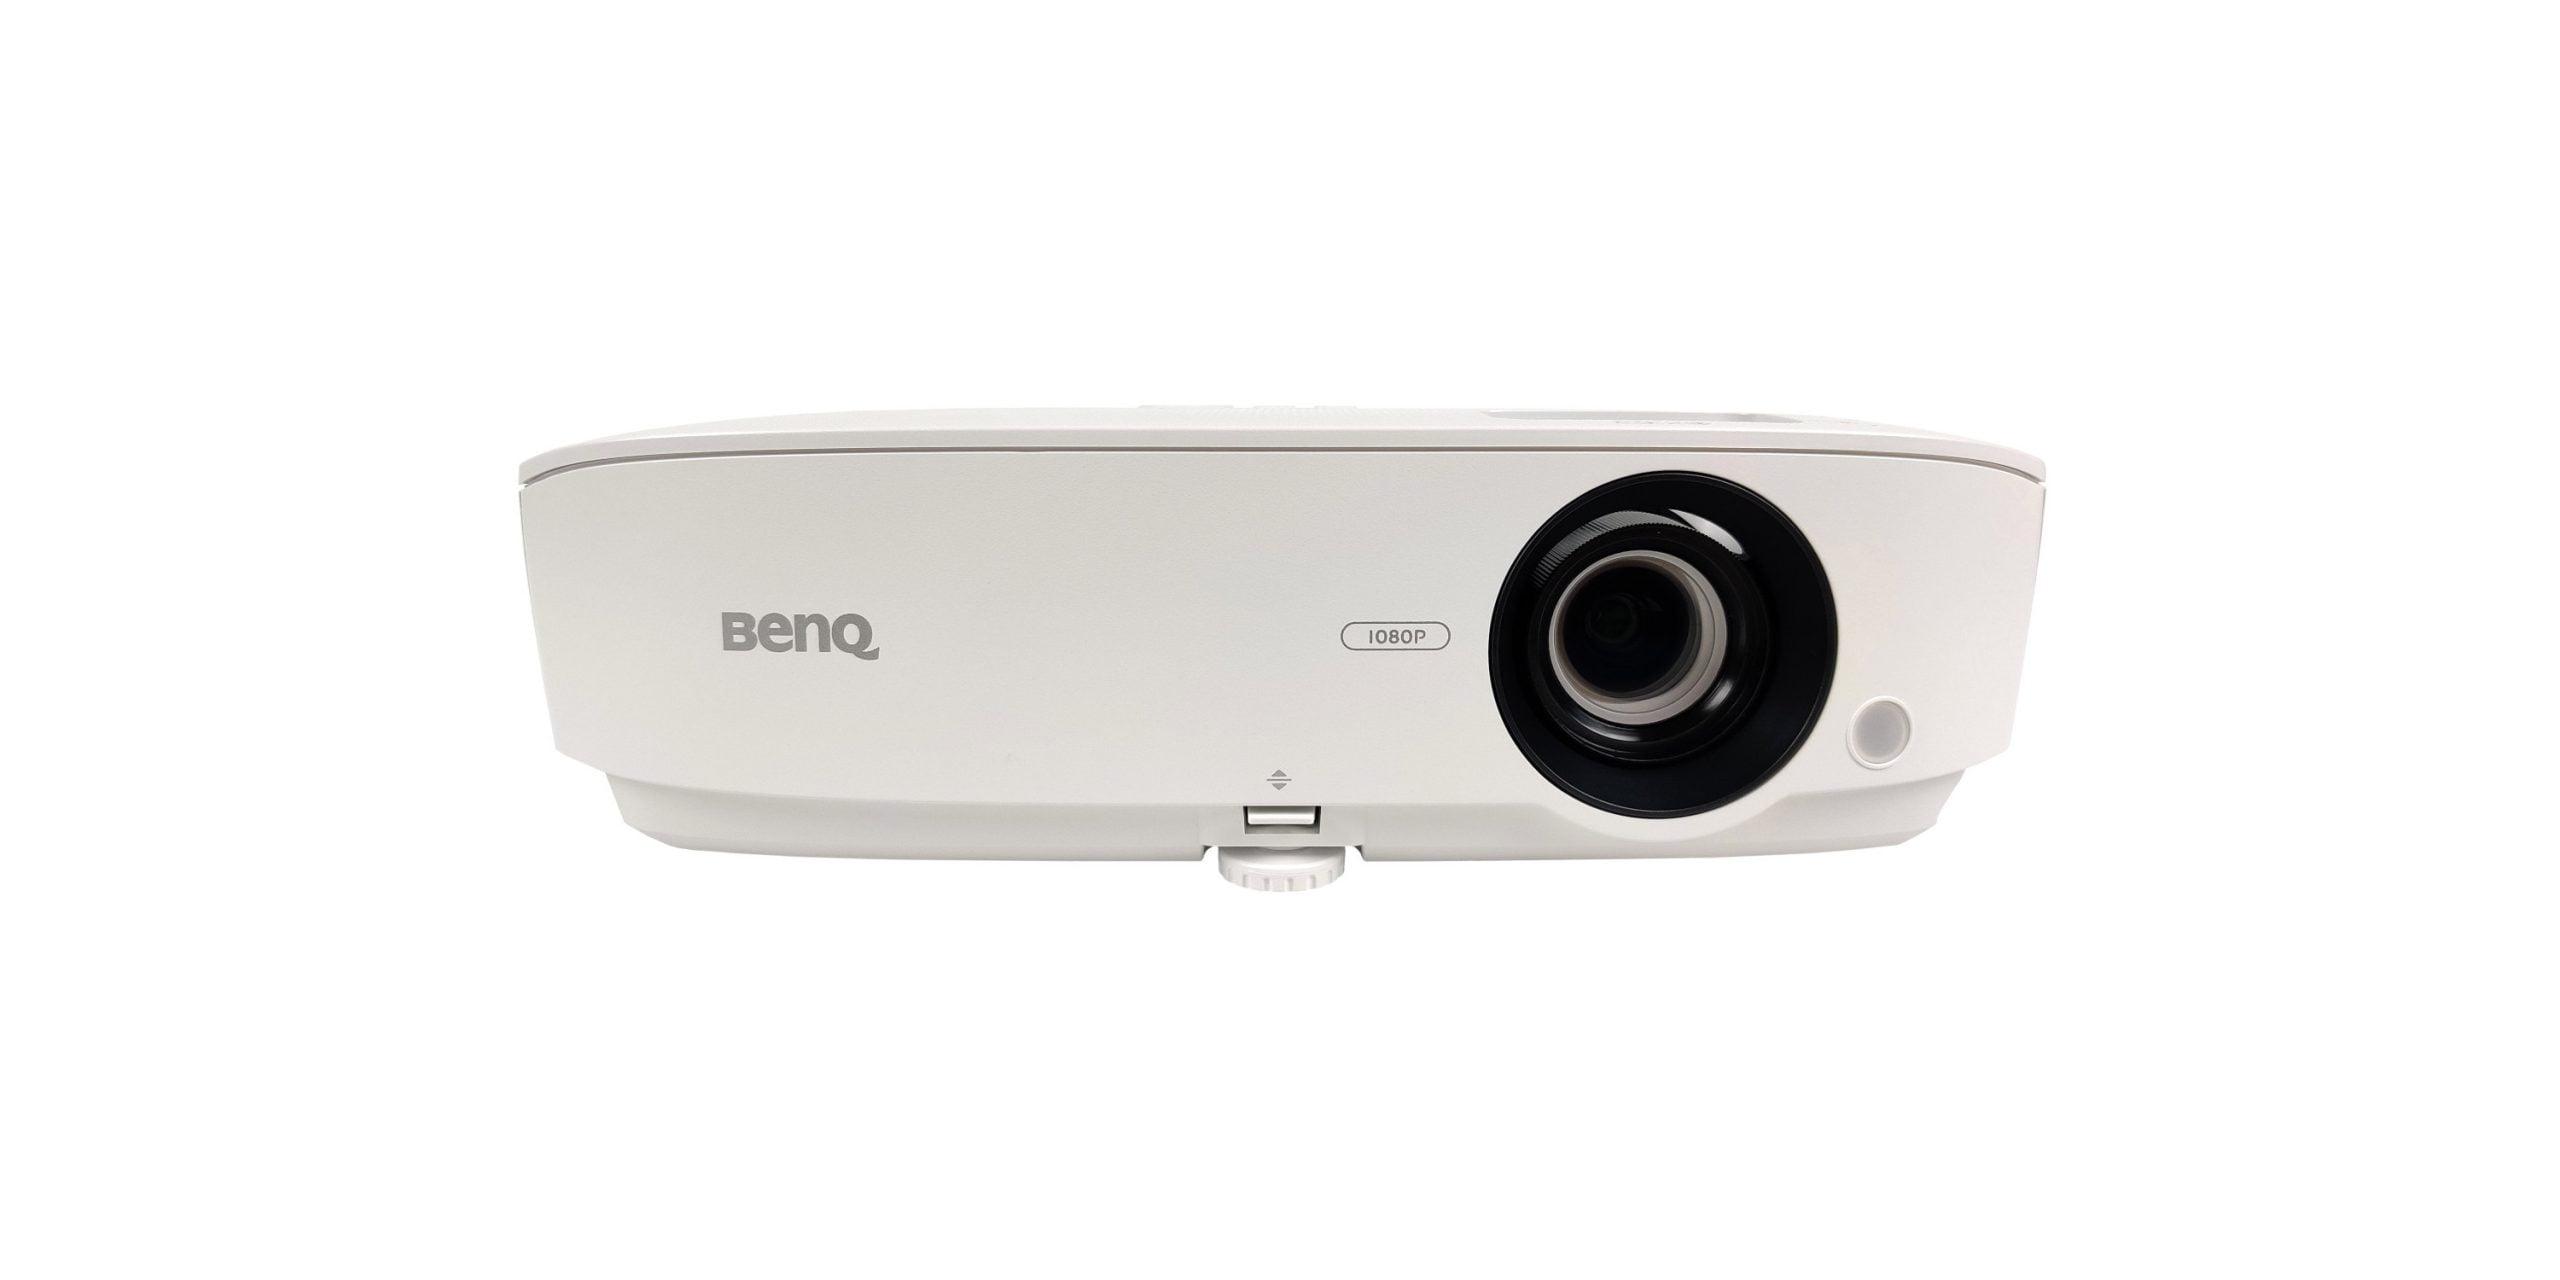 BenQ MH535 Full HD Meetingraum-Projektor